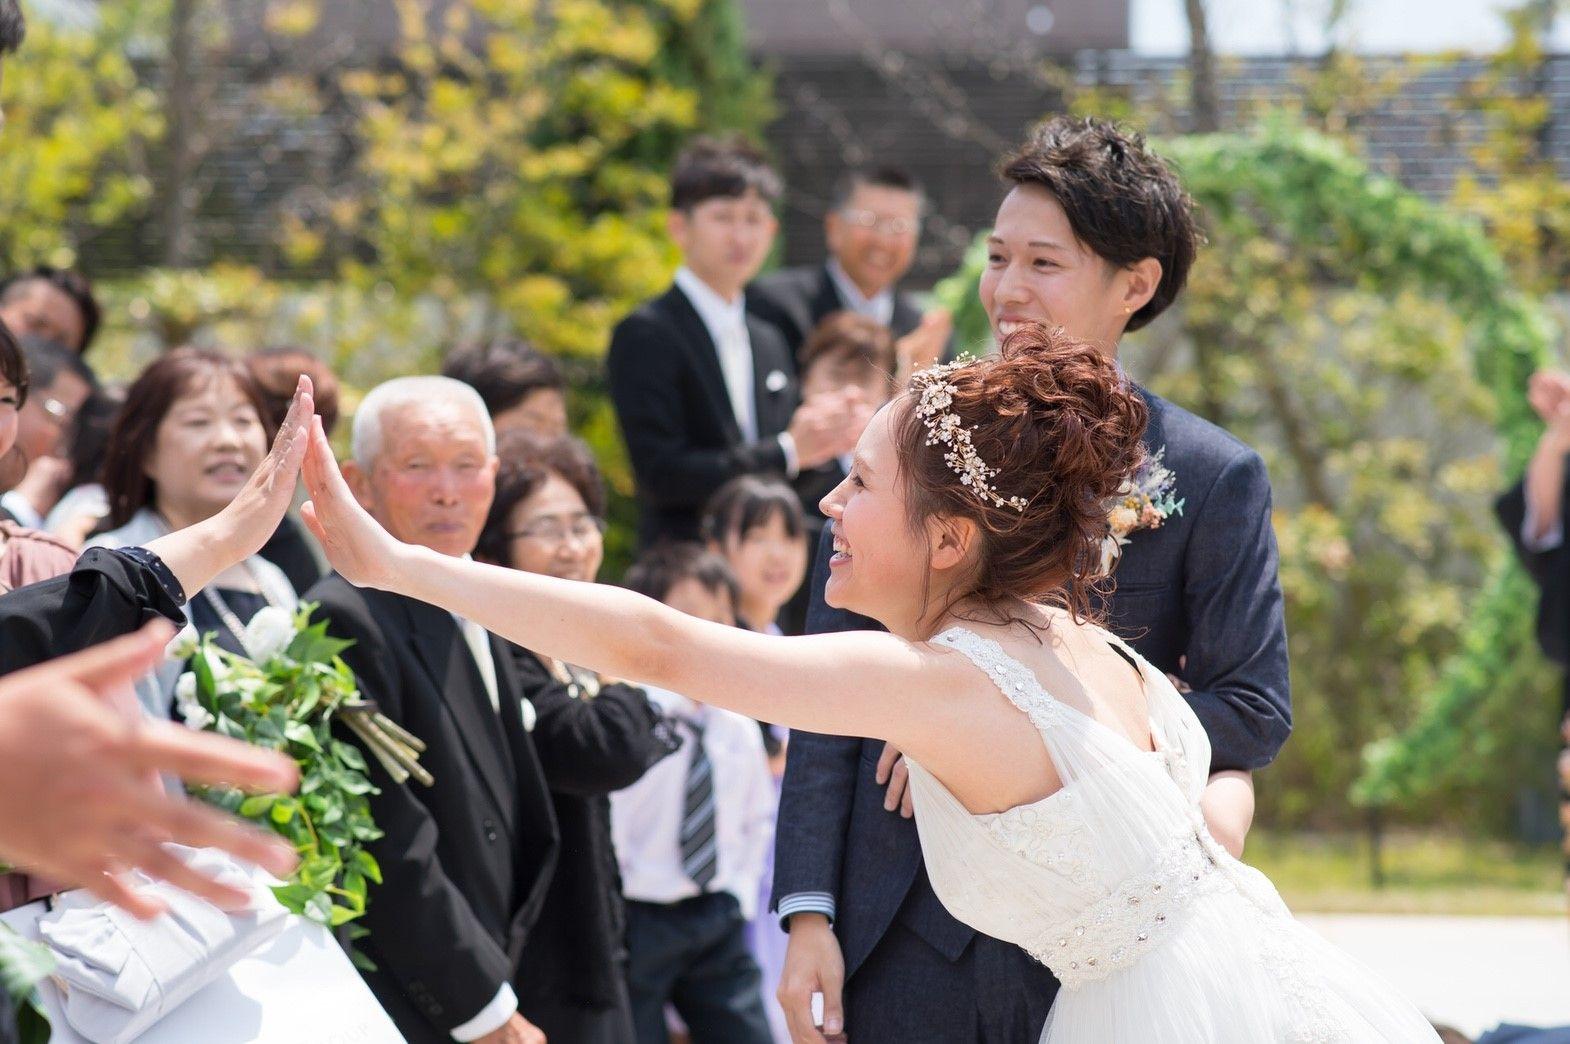 香川の結婚式場のシェルエメール&アイスタイルのハイタッチセレモニー